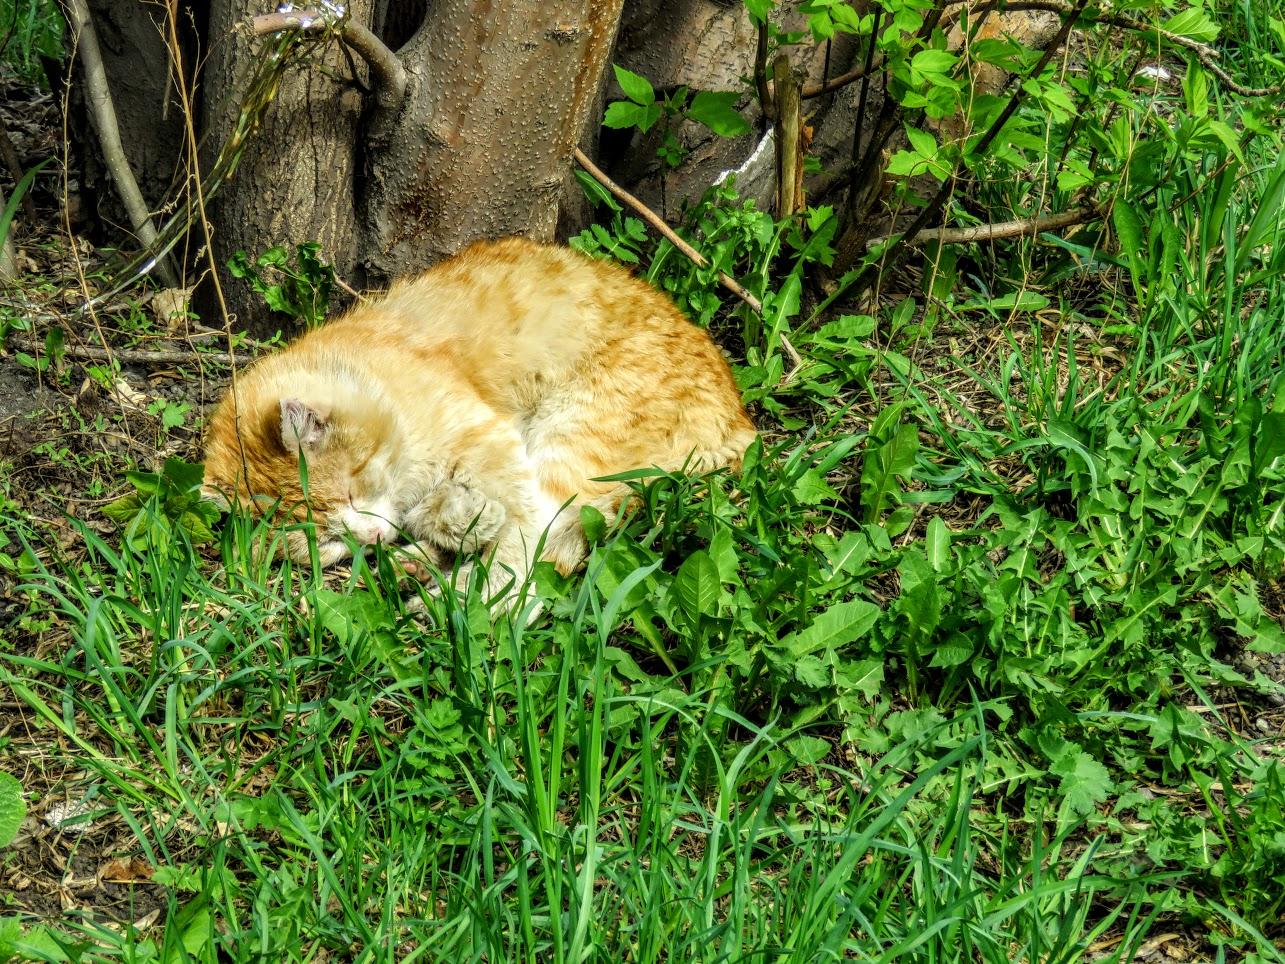 Фотоохота на чёрных коршунов. Рыжие котики и мороженое Сибирские голубые ели) IMG 9908